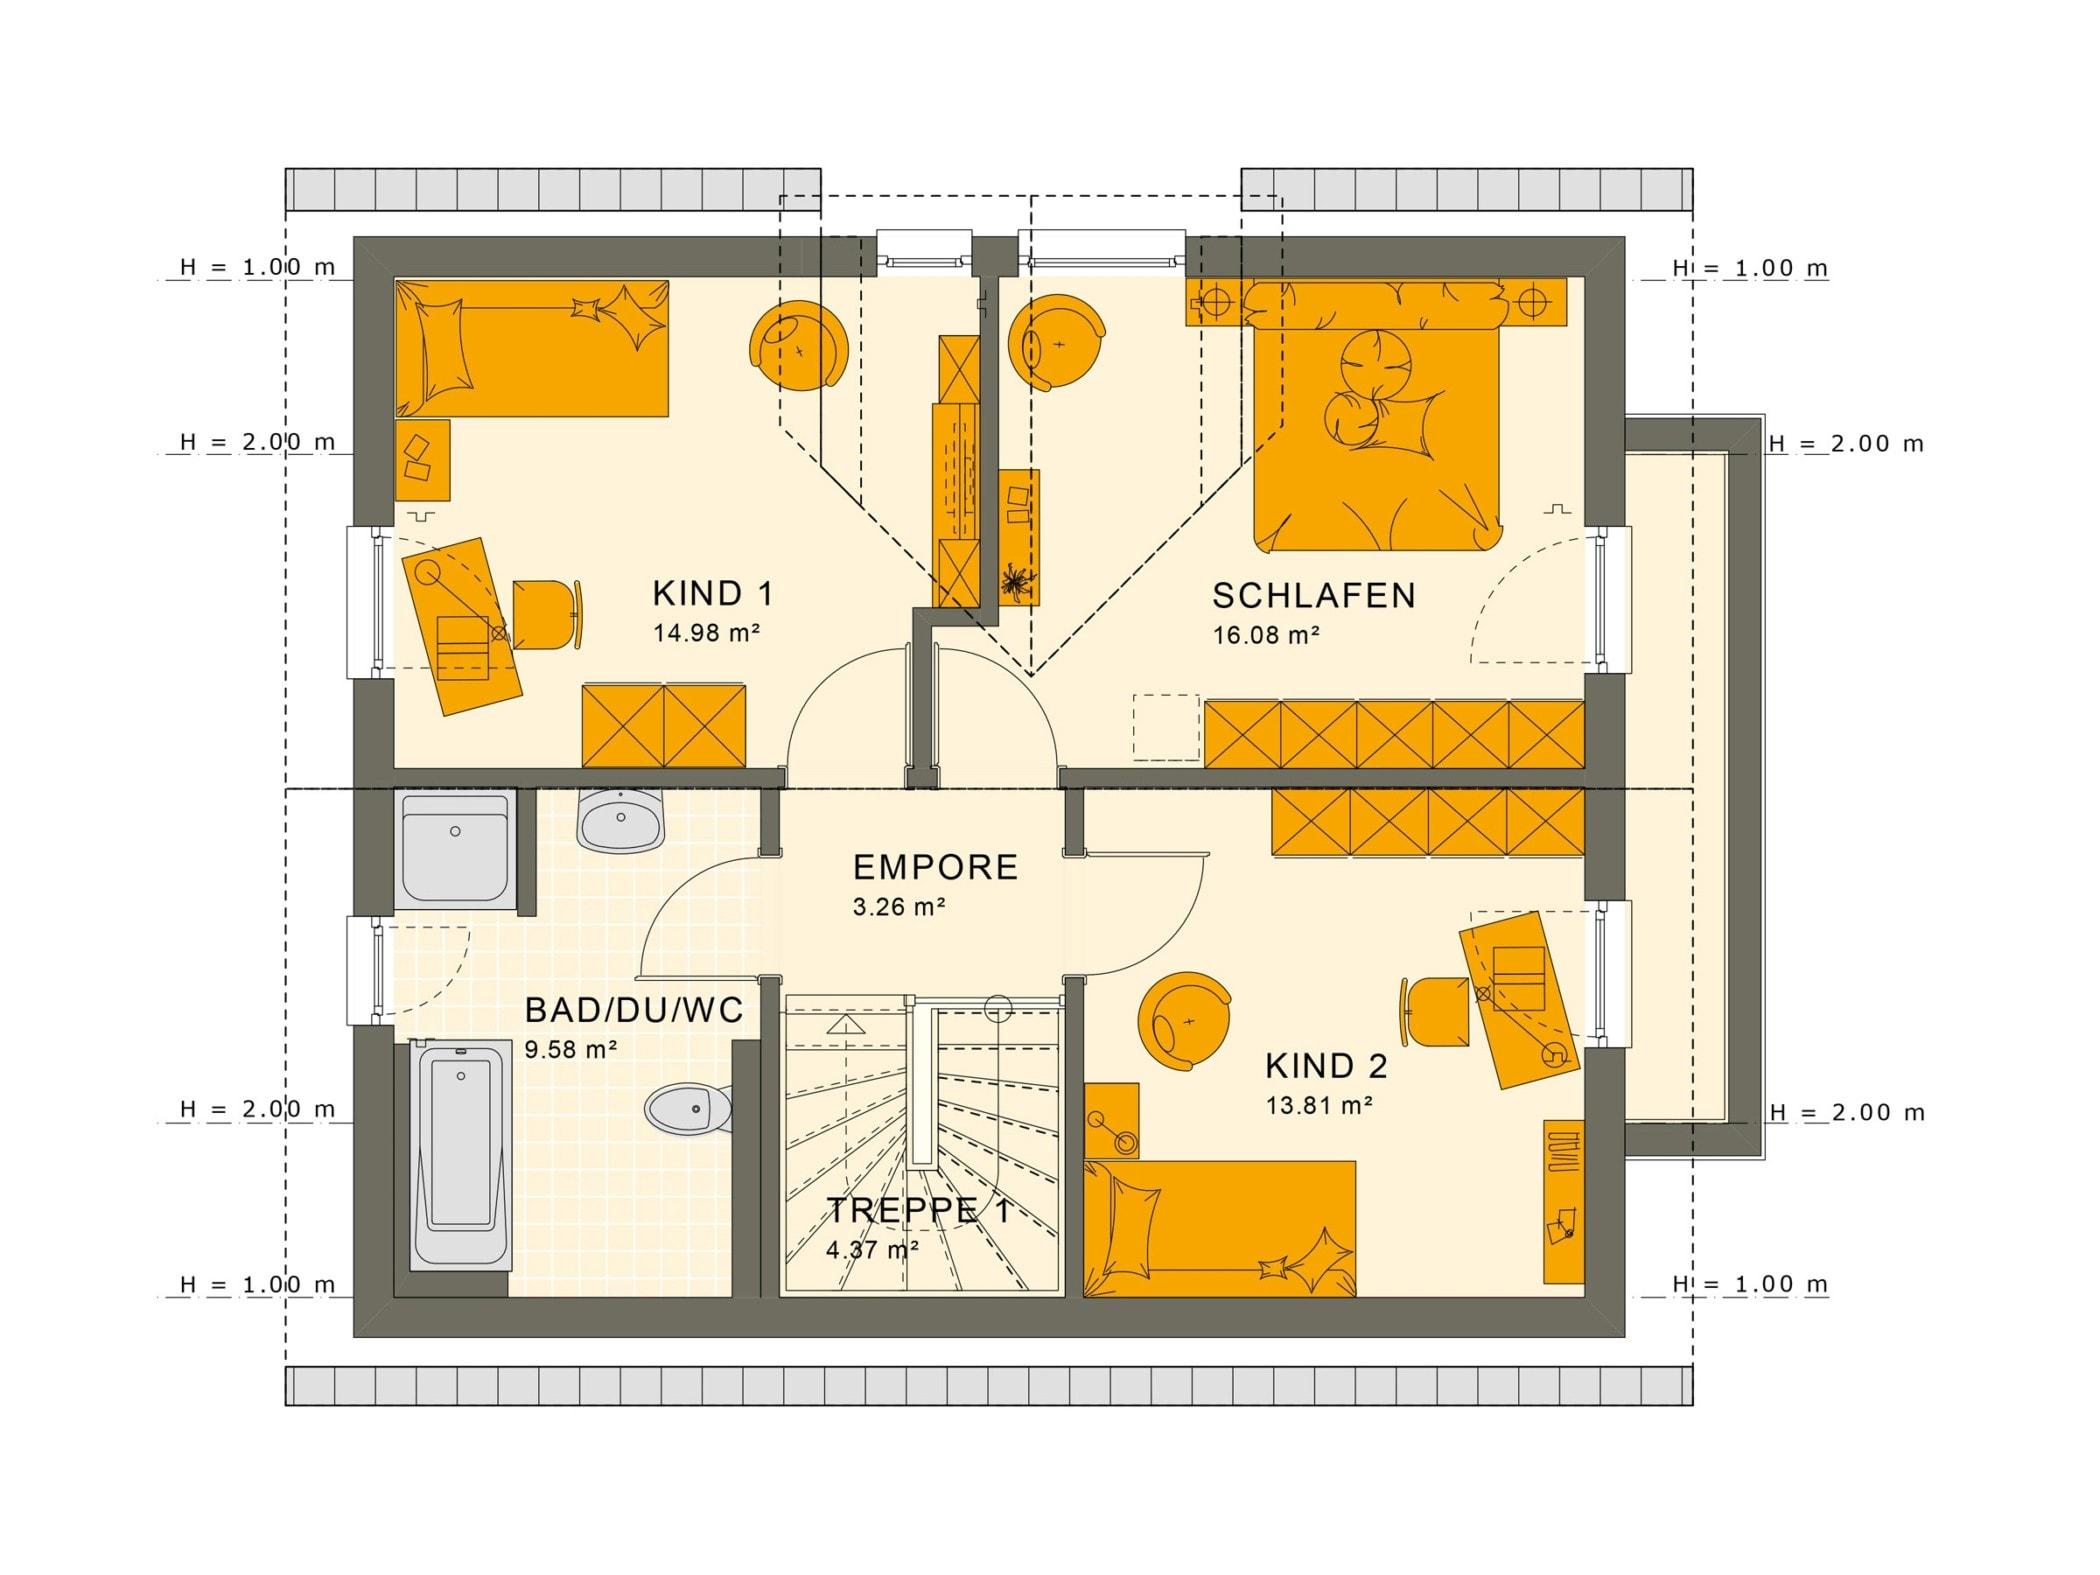 Fertighaus Grundriss Obergeschoss mit Satteldach Architektur & Zwerchgiebel - Haus bauen Ideen Einfamilienhaus SUNSHINE 125 V3 von Living Haus - HausbauDirekt.de